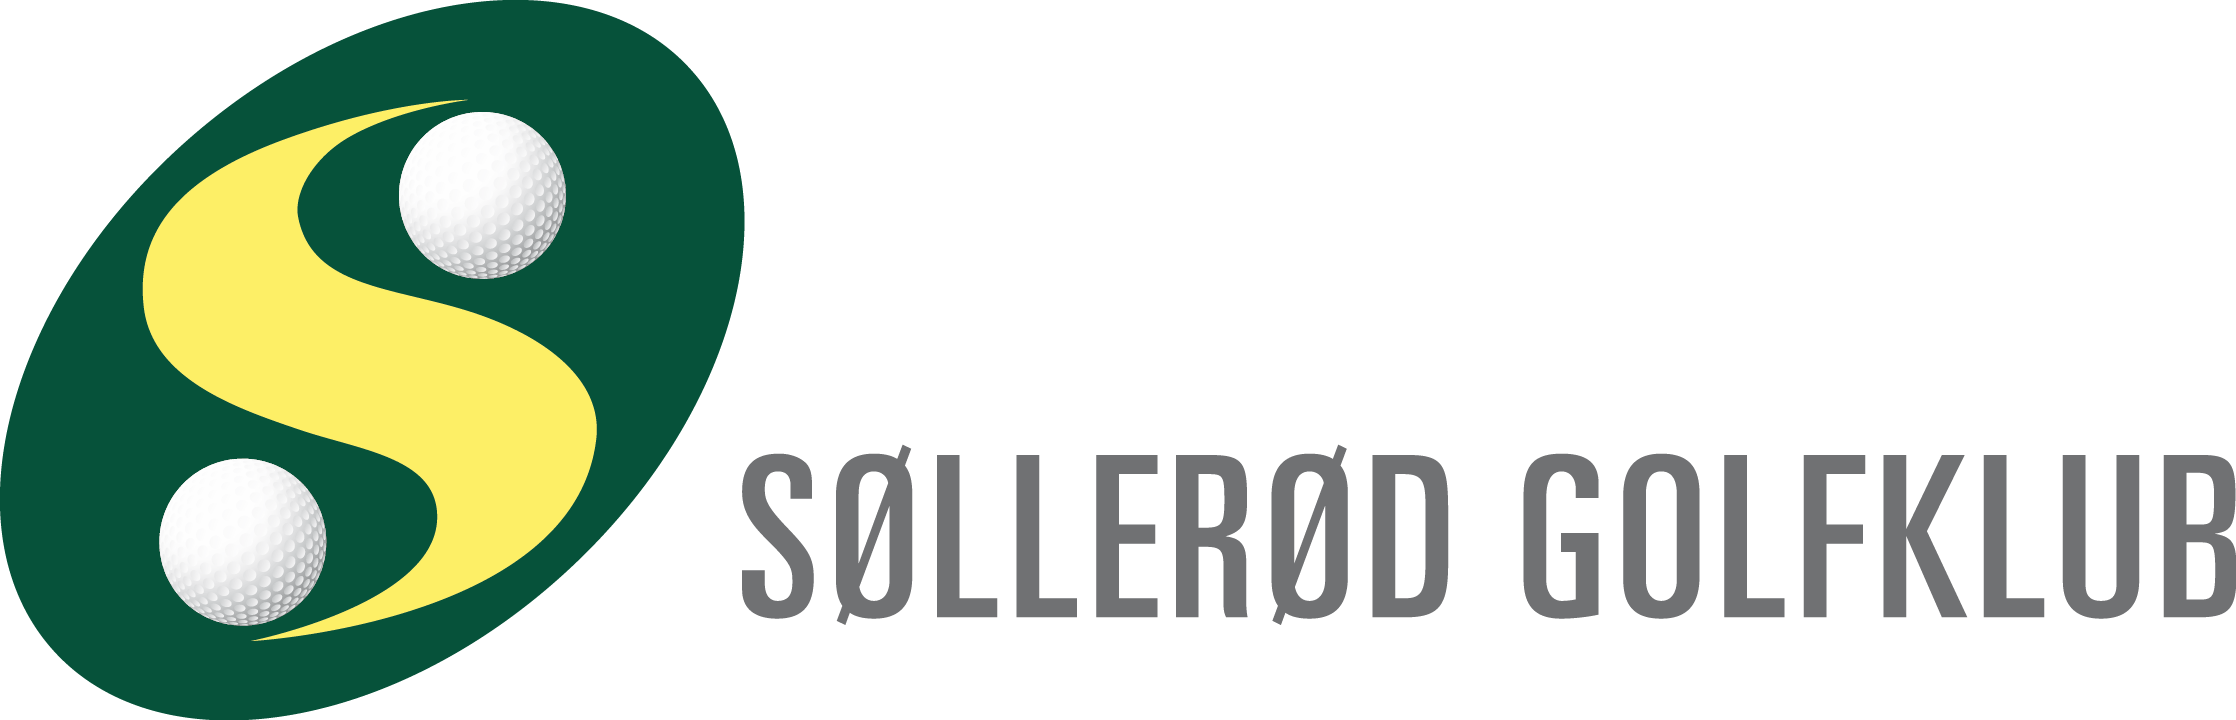 Søllerød Golfklub